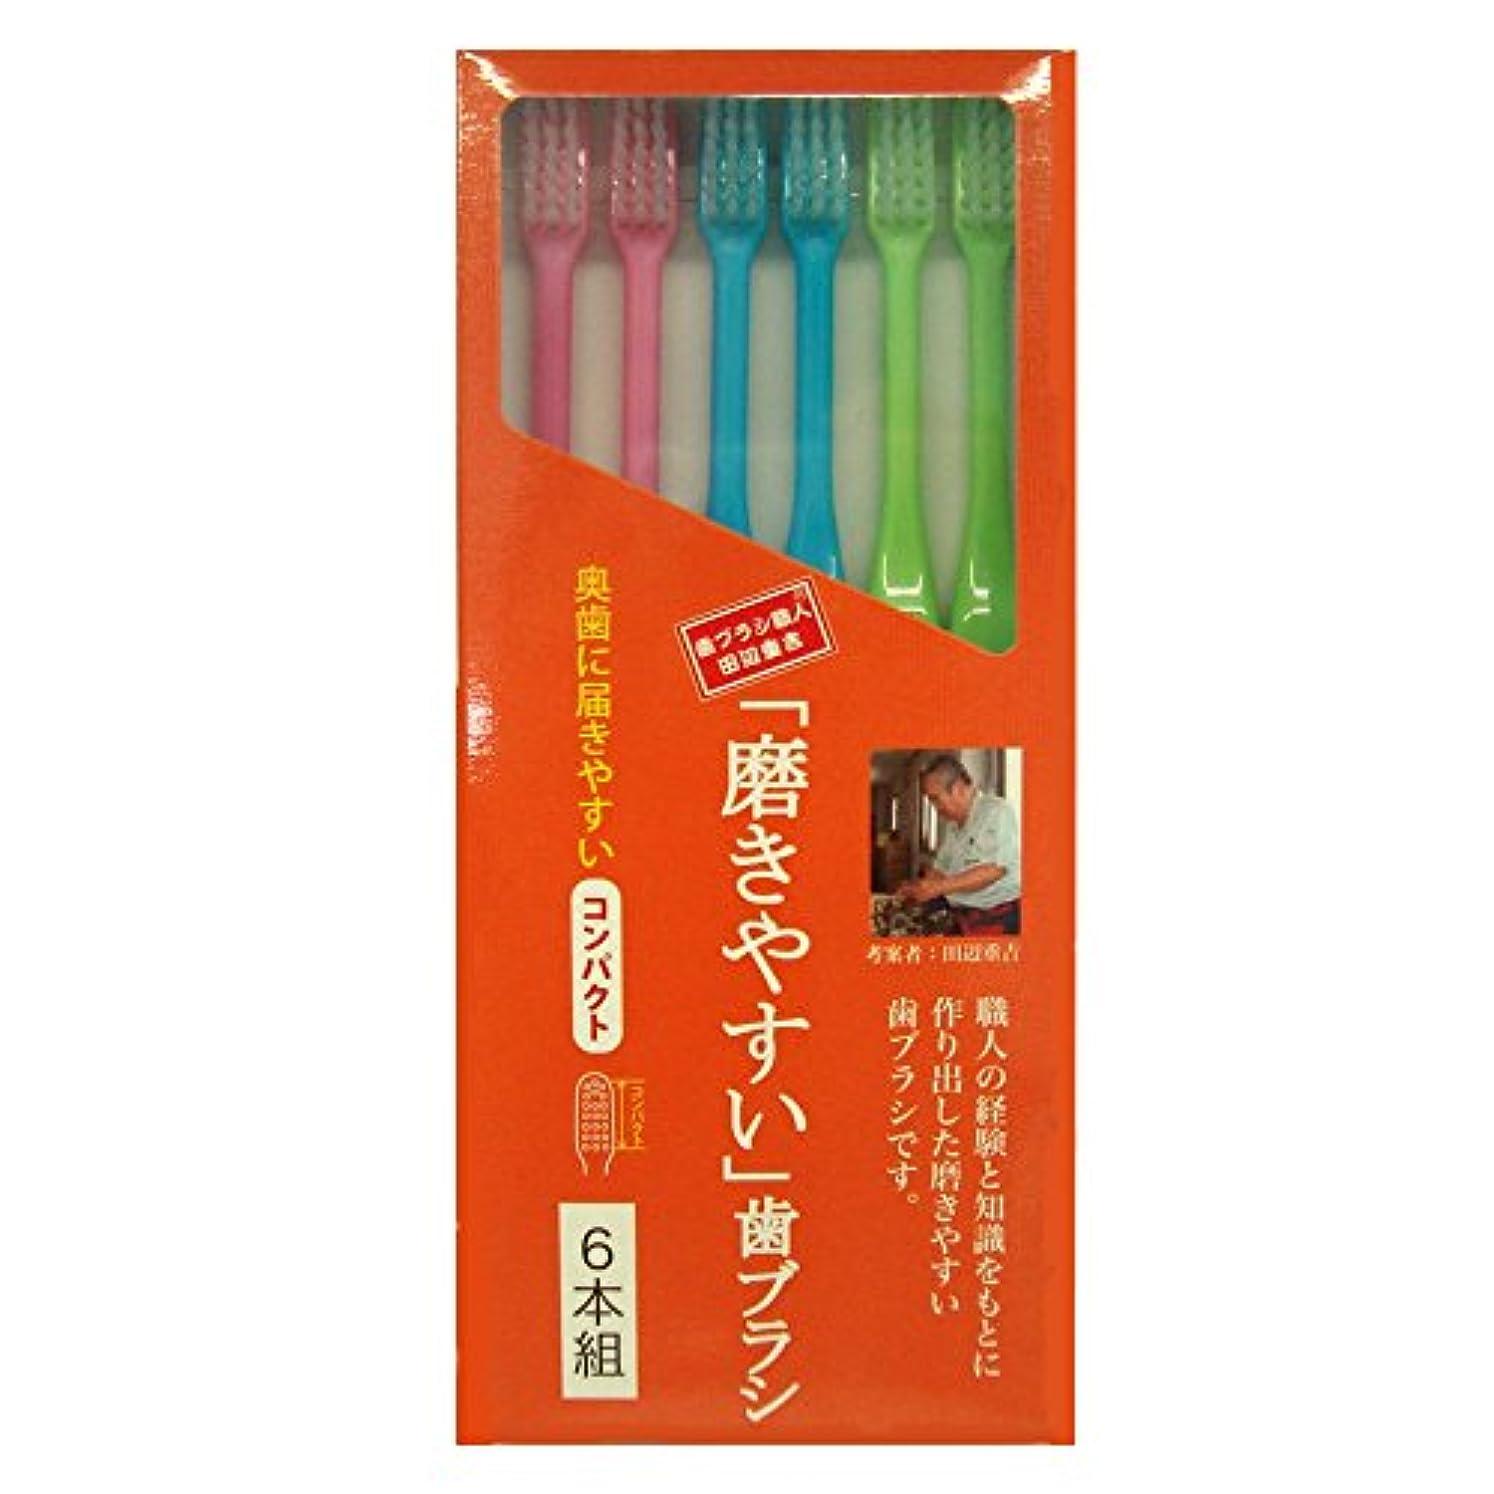 寛大な不完全タクシー磨きやすい歯ブラシ 6本組 コンパクトタイプ